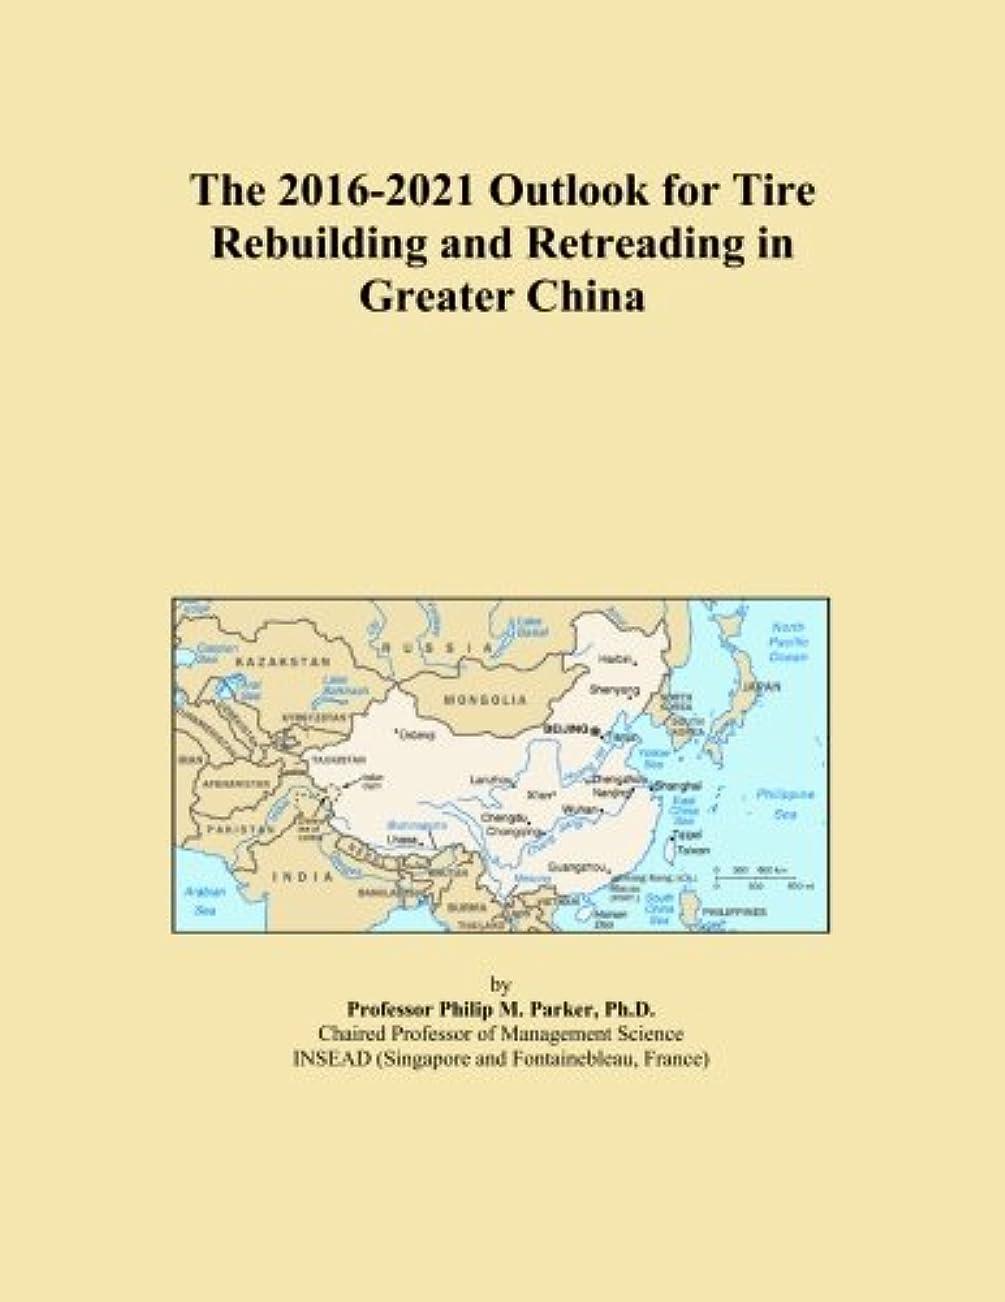 魅力方向暫定The 2016-2021 Outlook for Tire Rebuilding and Retreading in Greater China